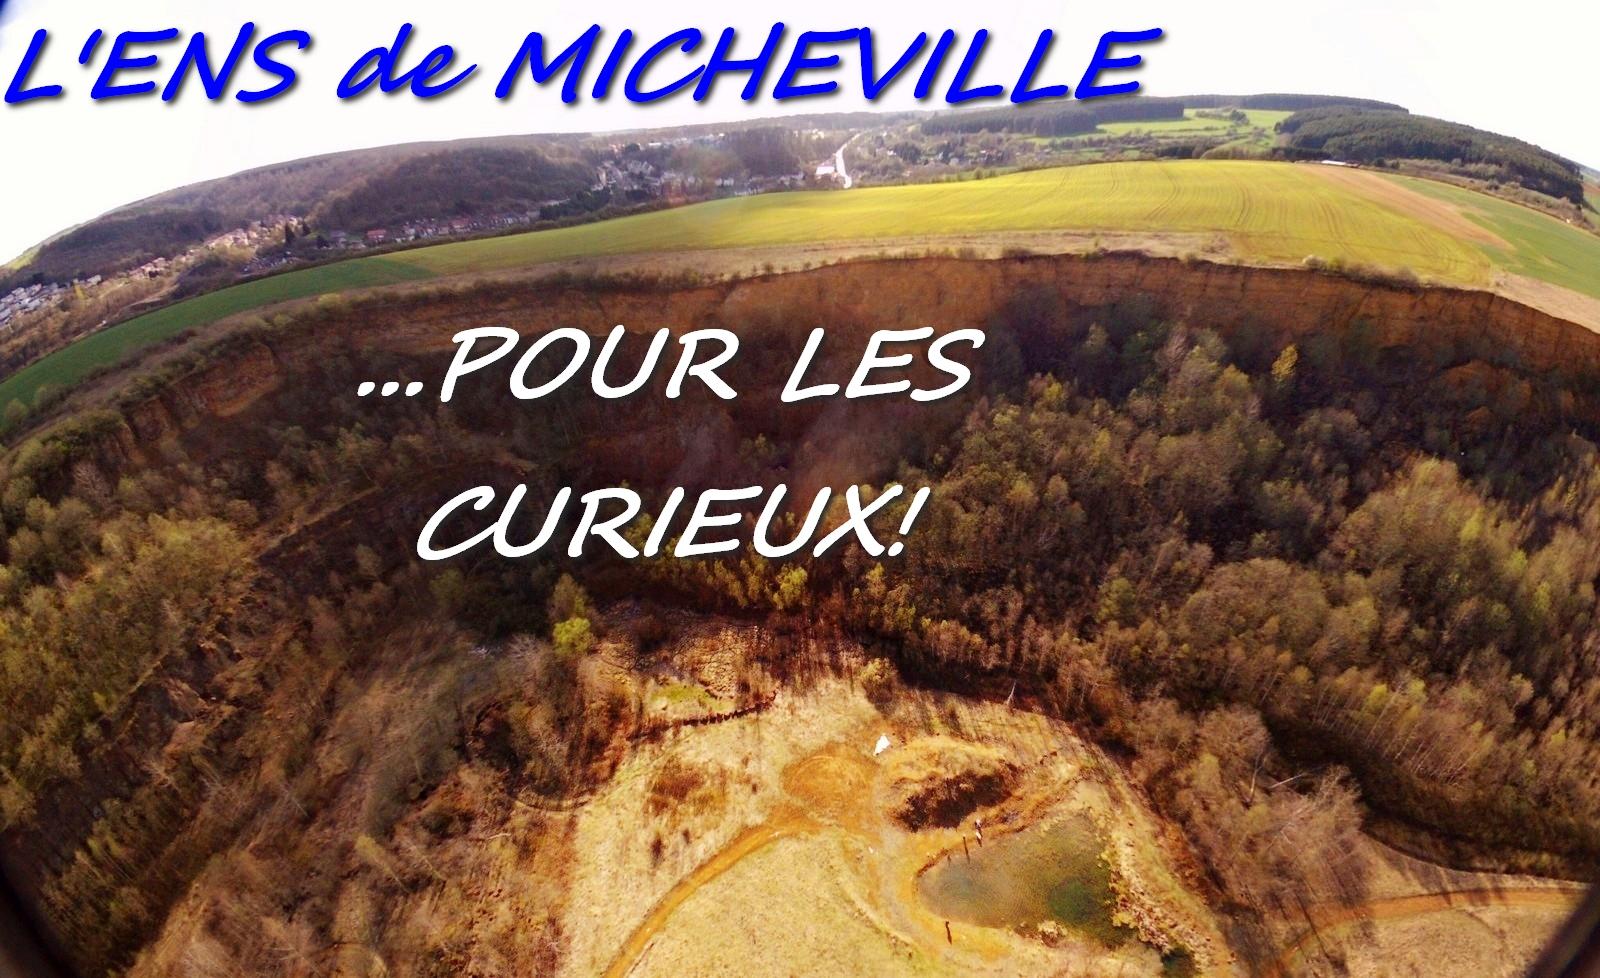 L'ENS de Micheville...pour les curieux!